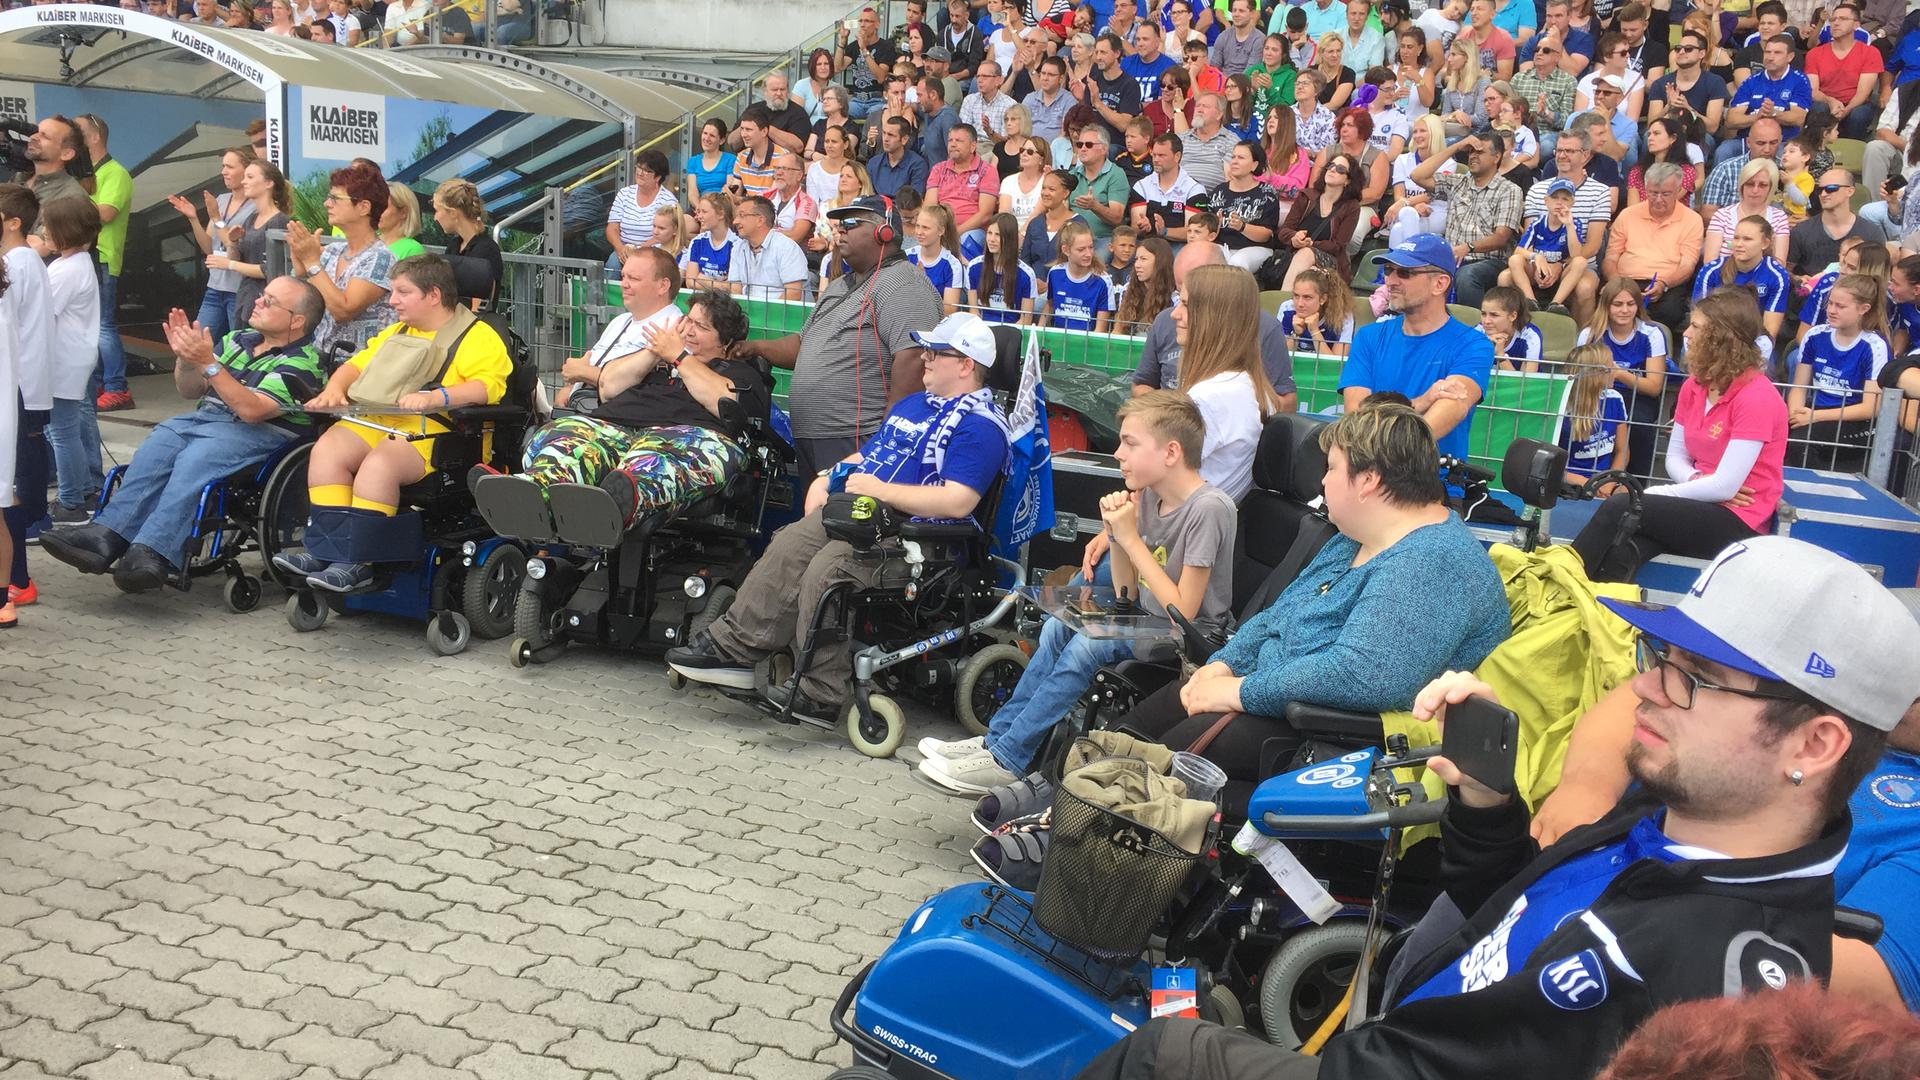 KSC-Fans im Rollstuhl